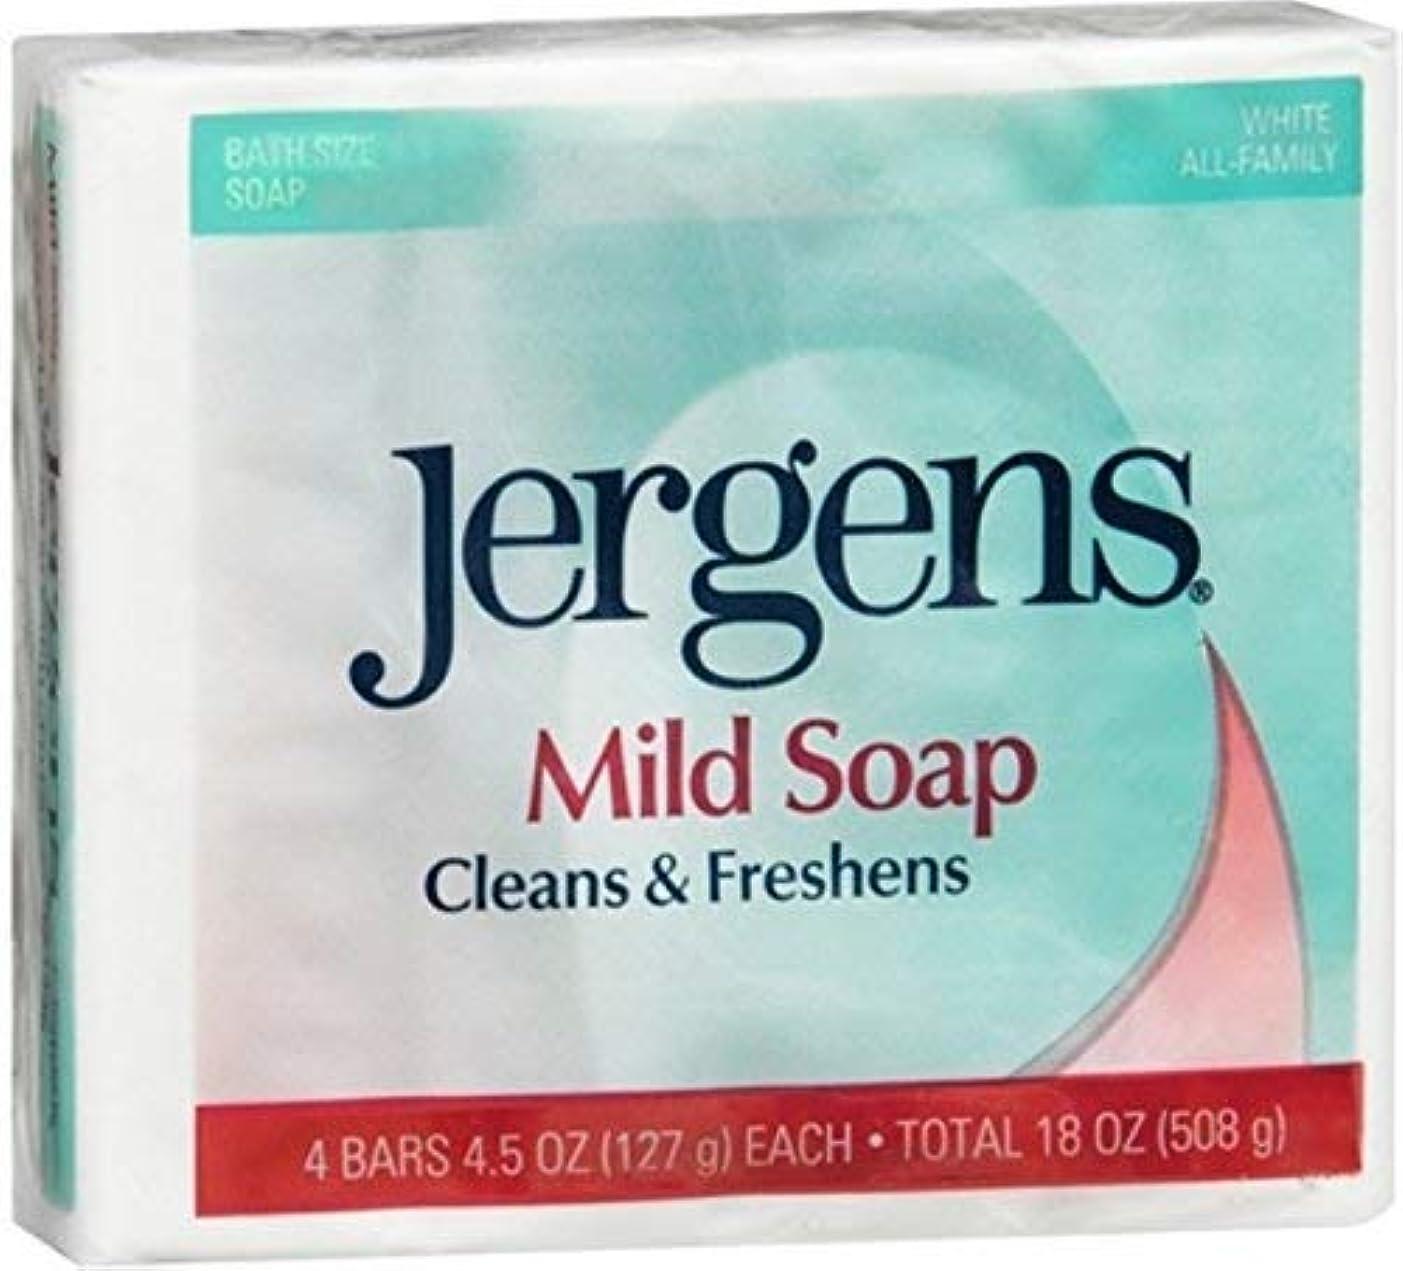 Jergens マイルドソープは4小節、4.5オズ(5パック)クリーン&フレッシュ 5パック